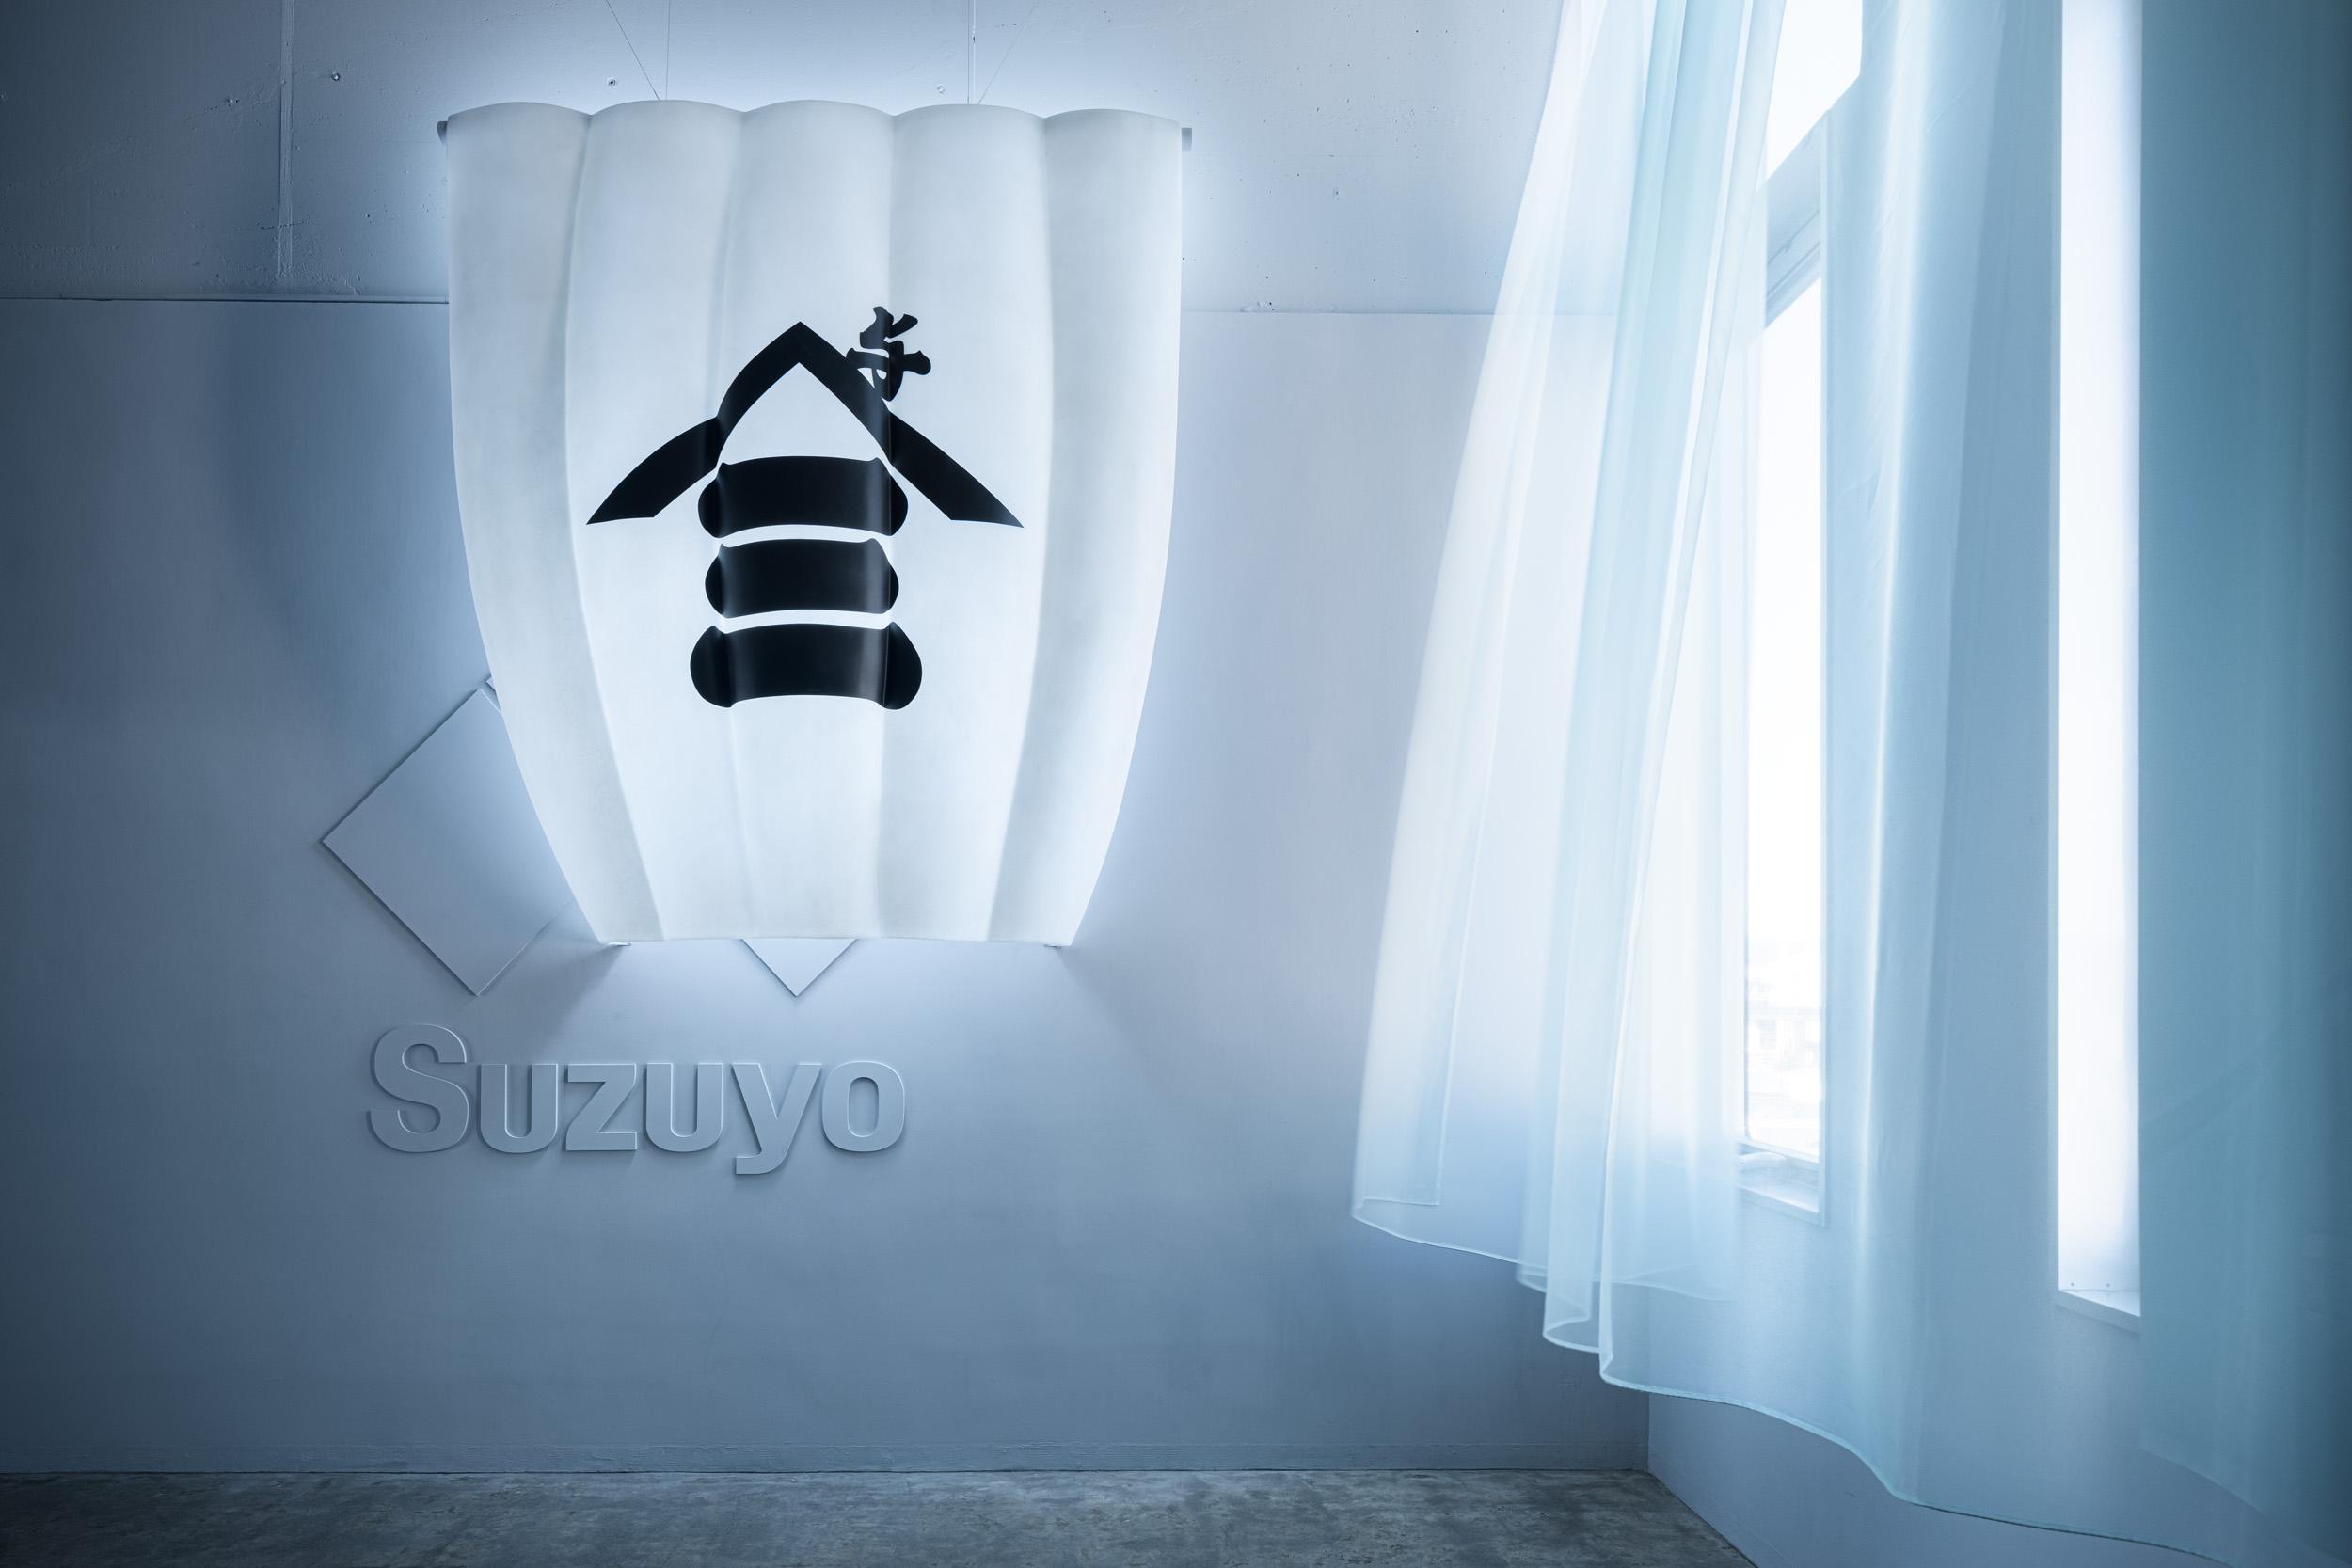 SUZUYO_004